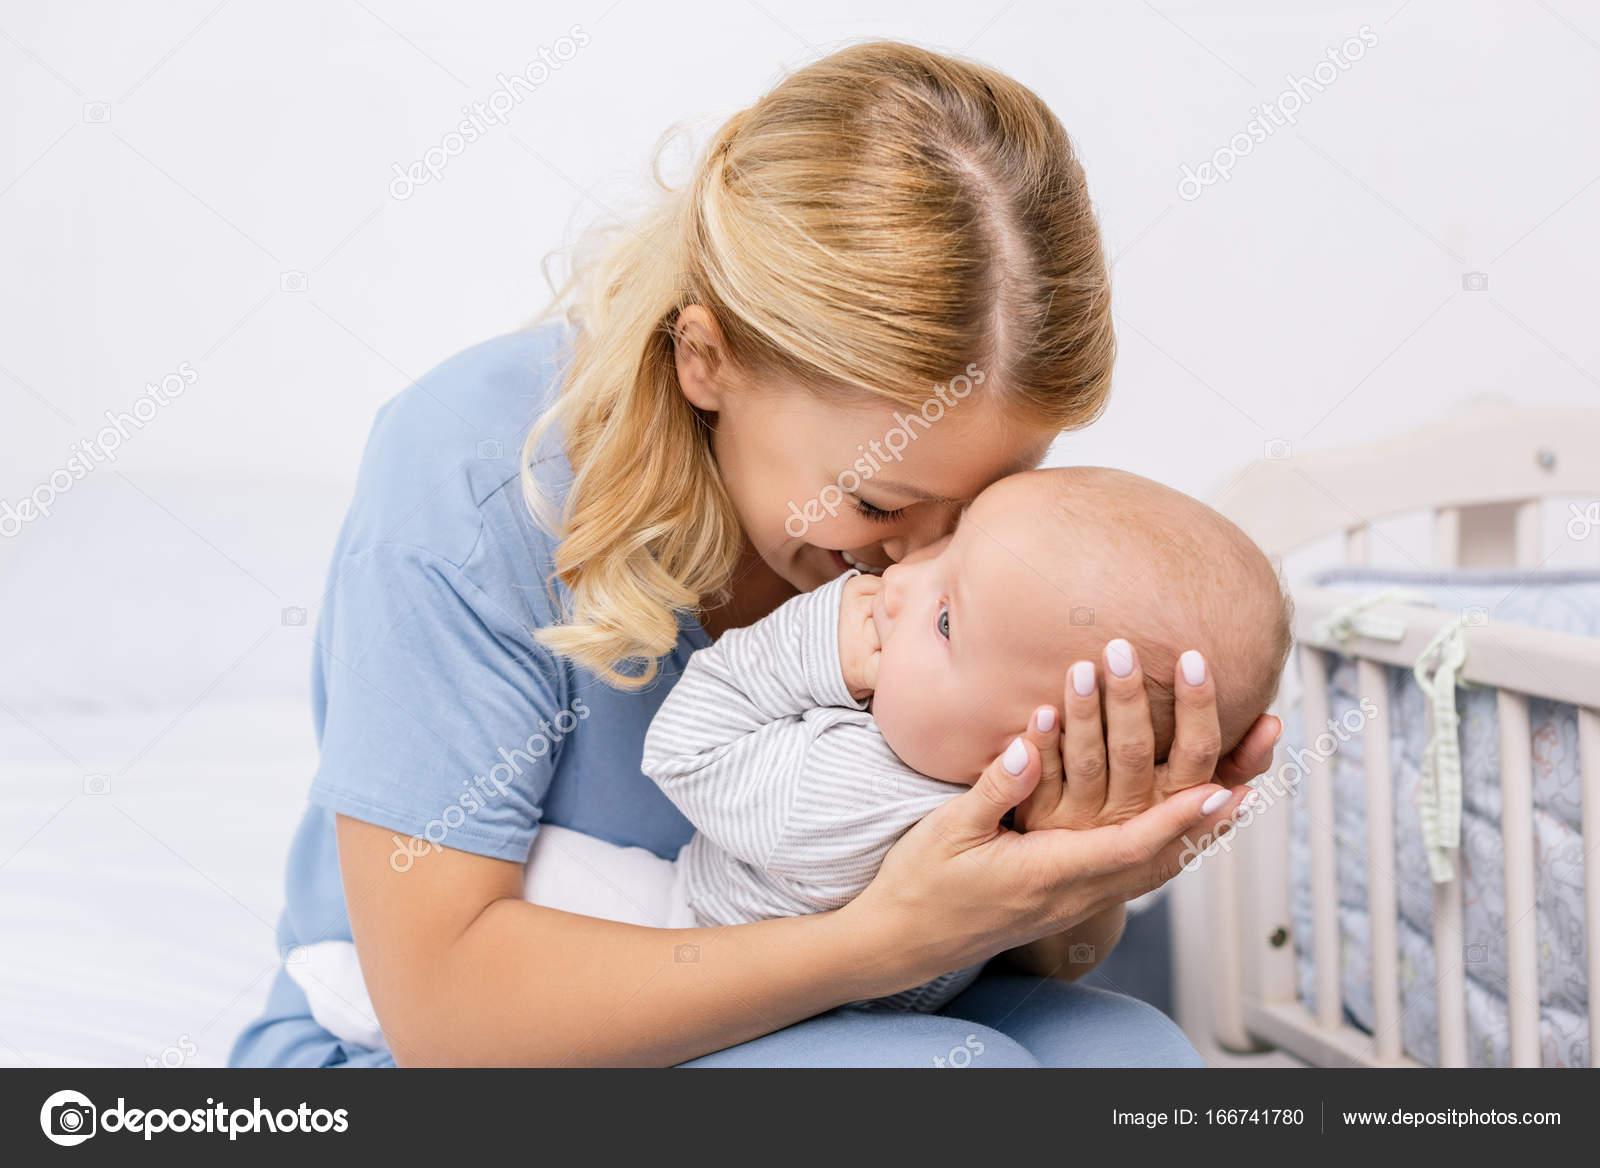 Sensual mothers pics